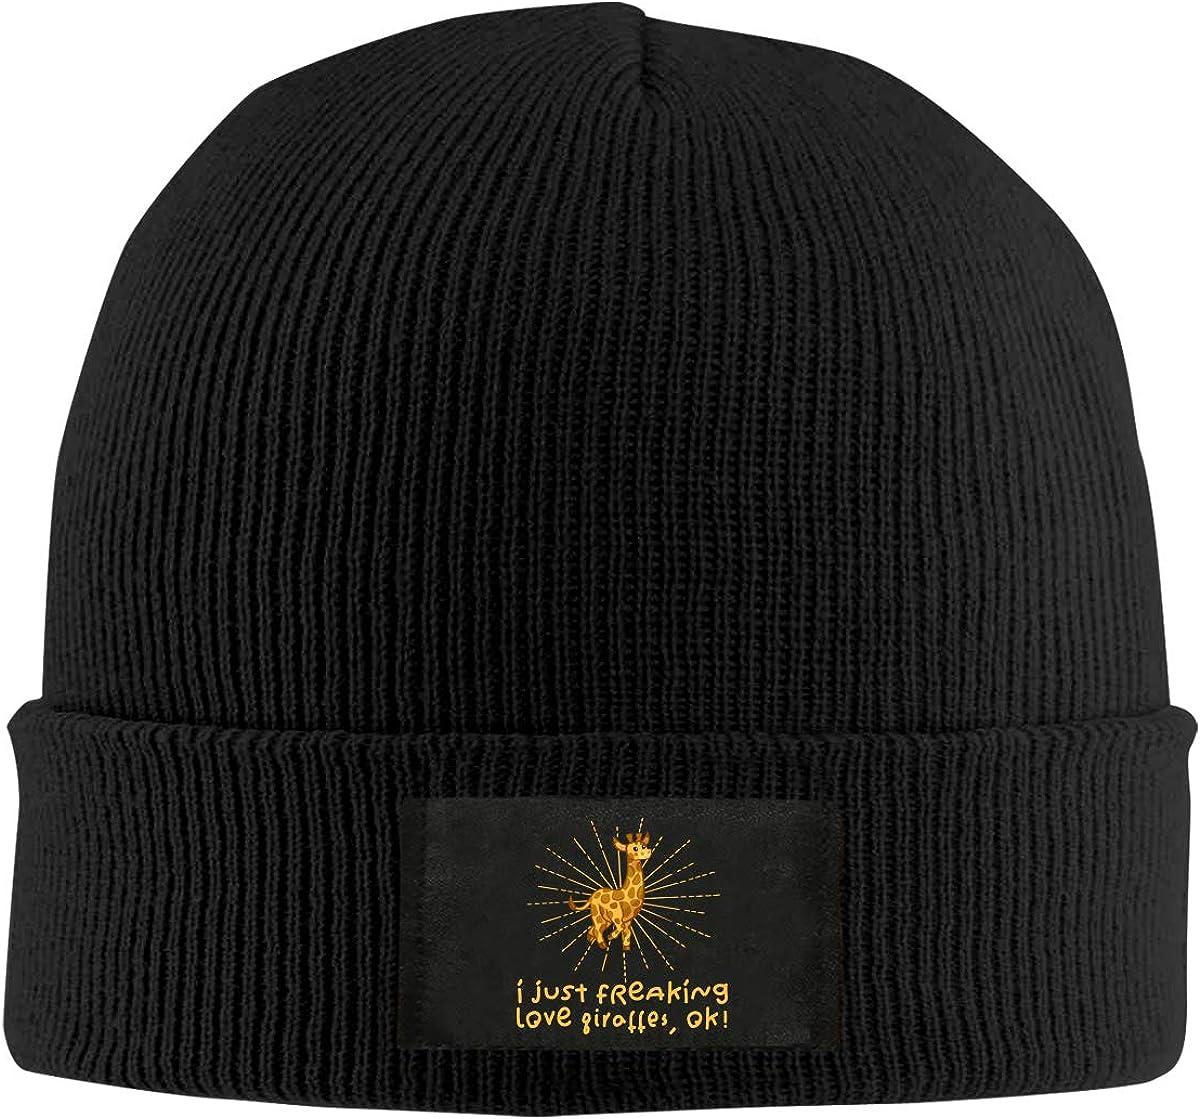 Ok Men Women Knitted Hat Winter Warm Fleece Beanie Hat I Just Freaking Love Giraffes